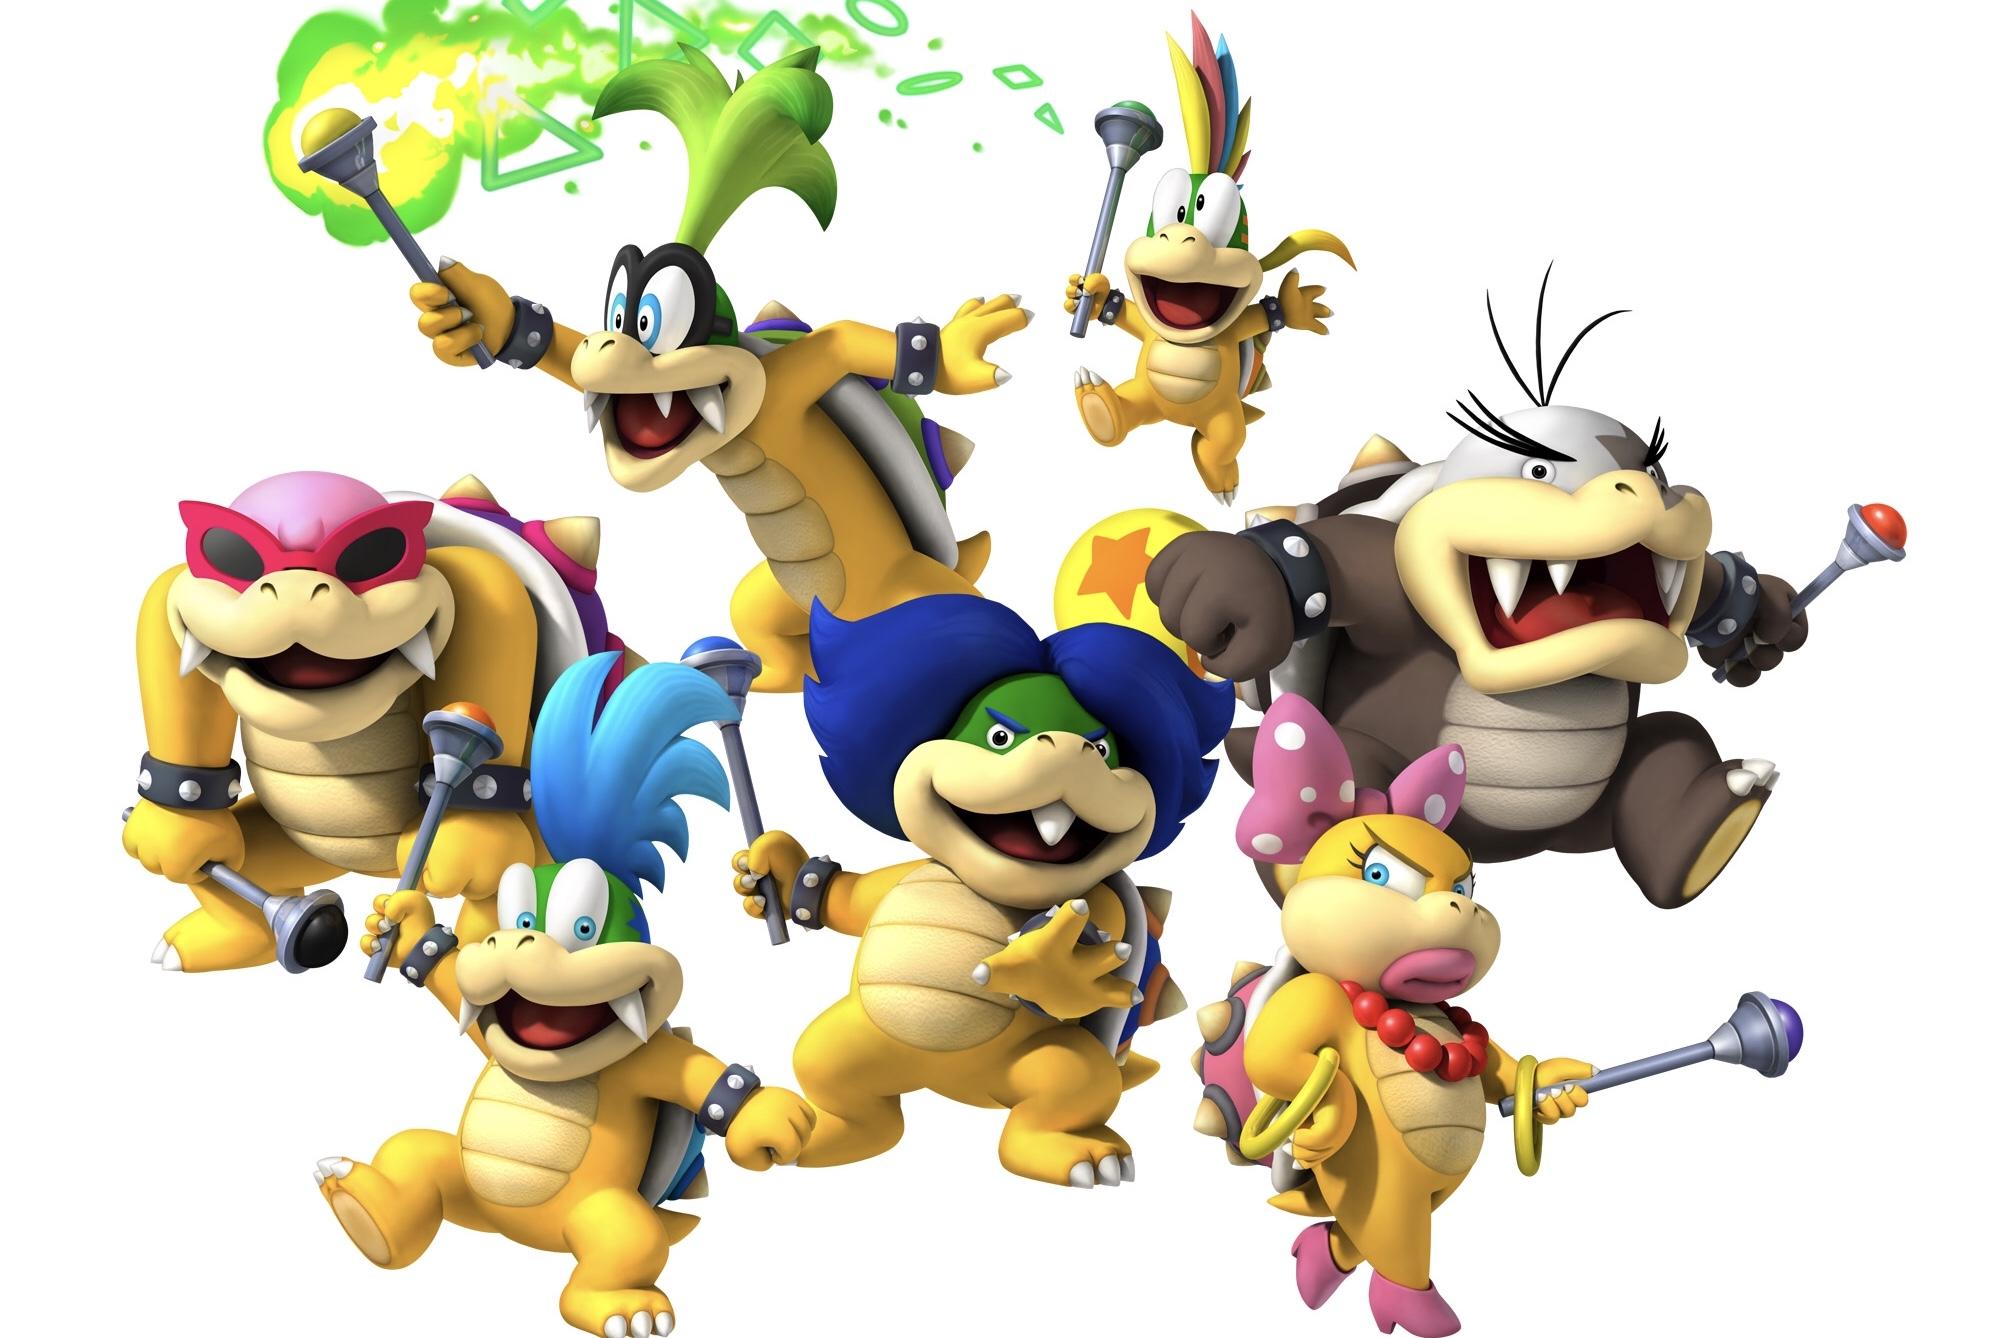 Nintendo deixa claro que os Koopalings NÃO são filhos do Bowser; Bowser Jr. sim